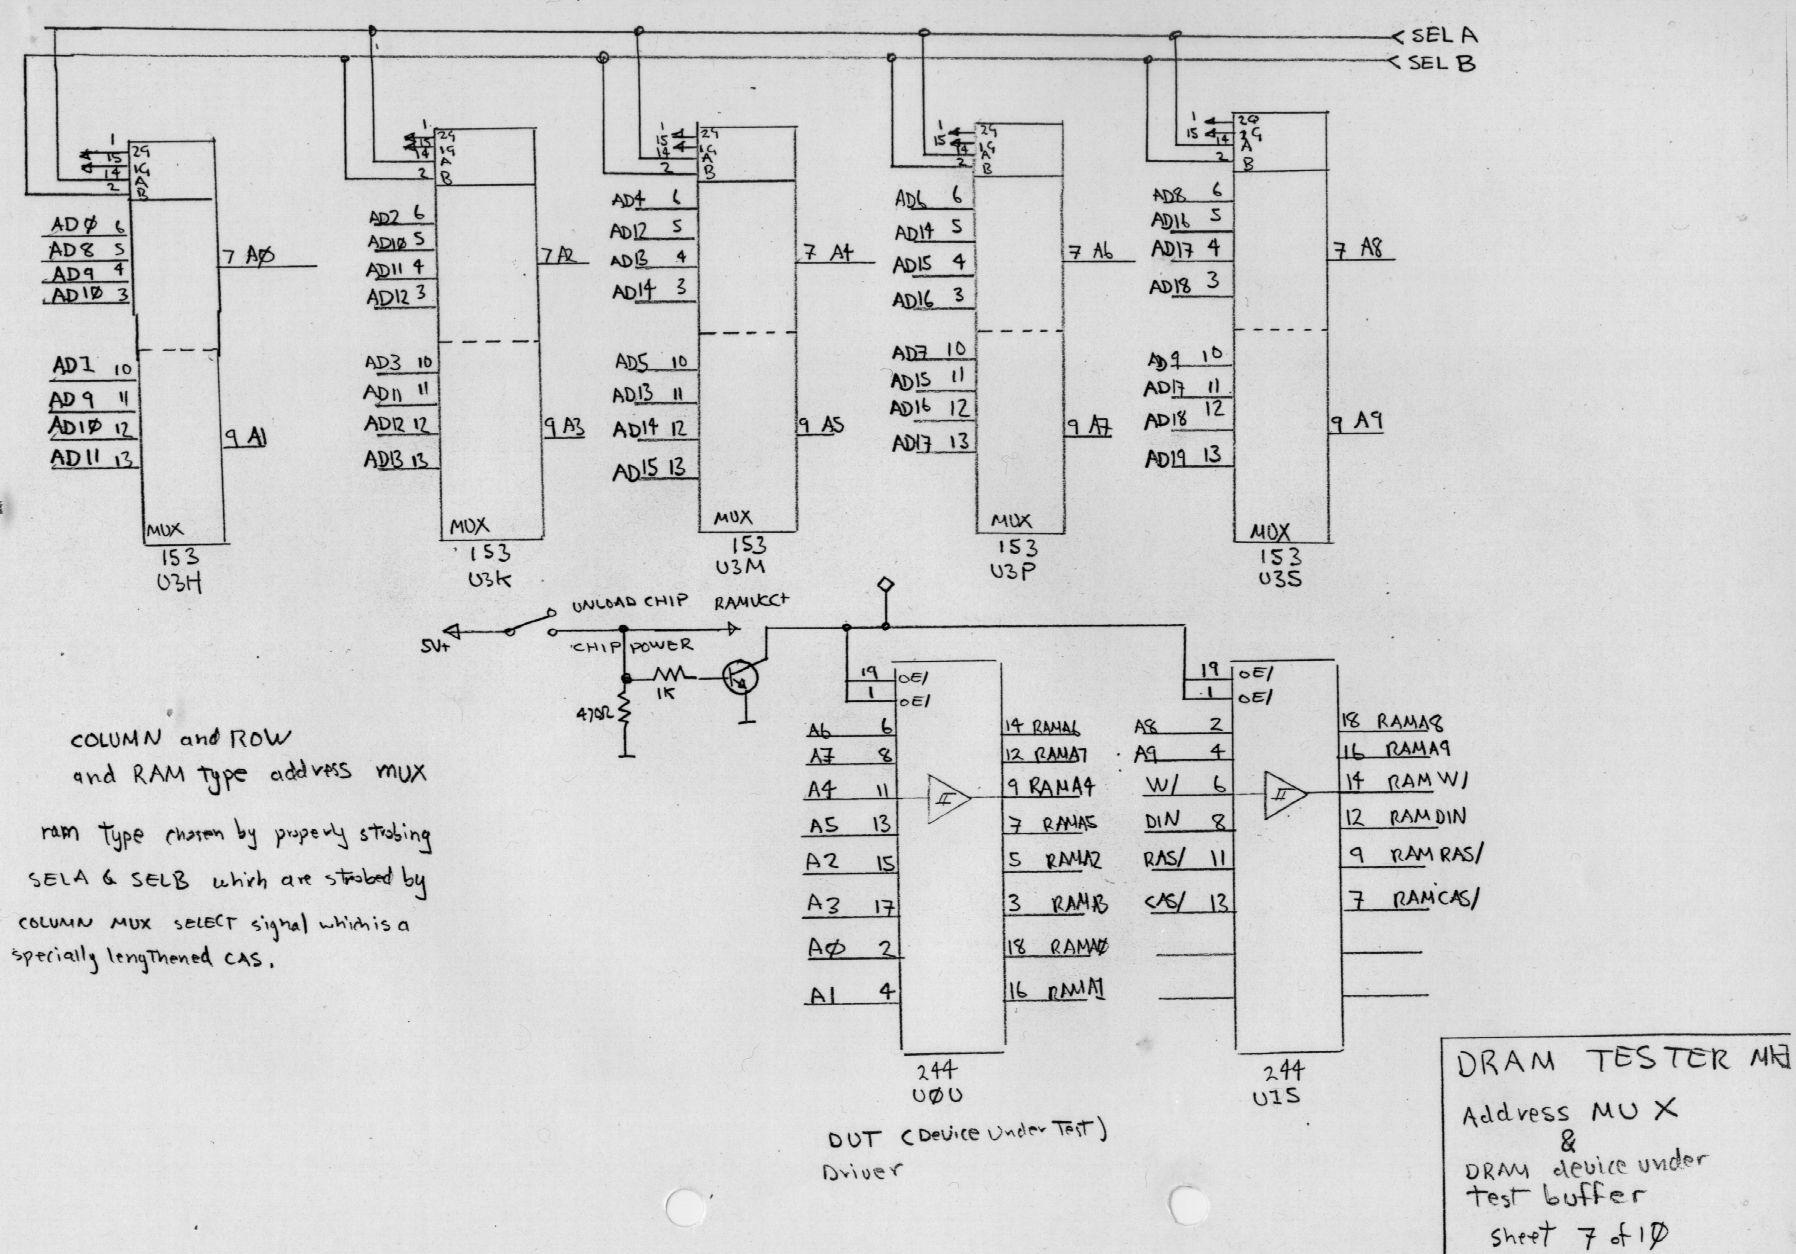 ram tester machine